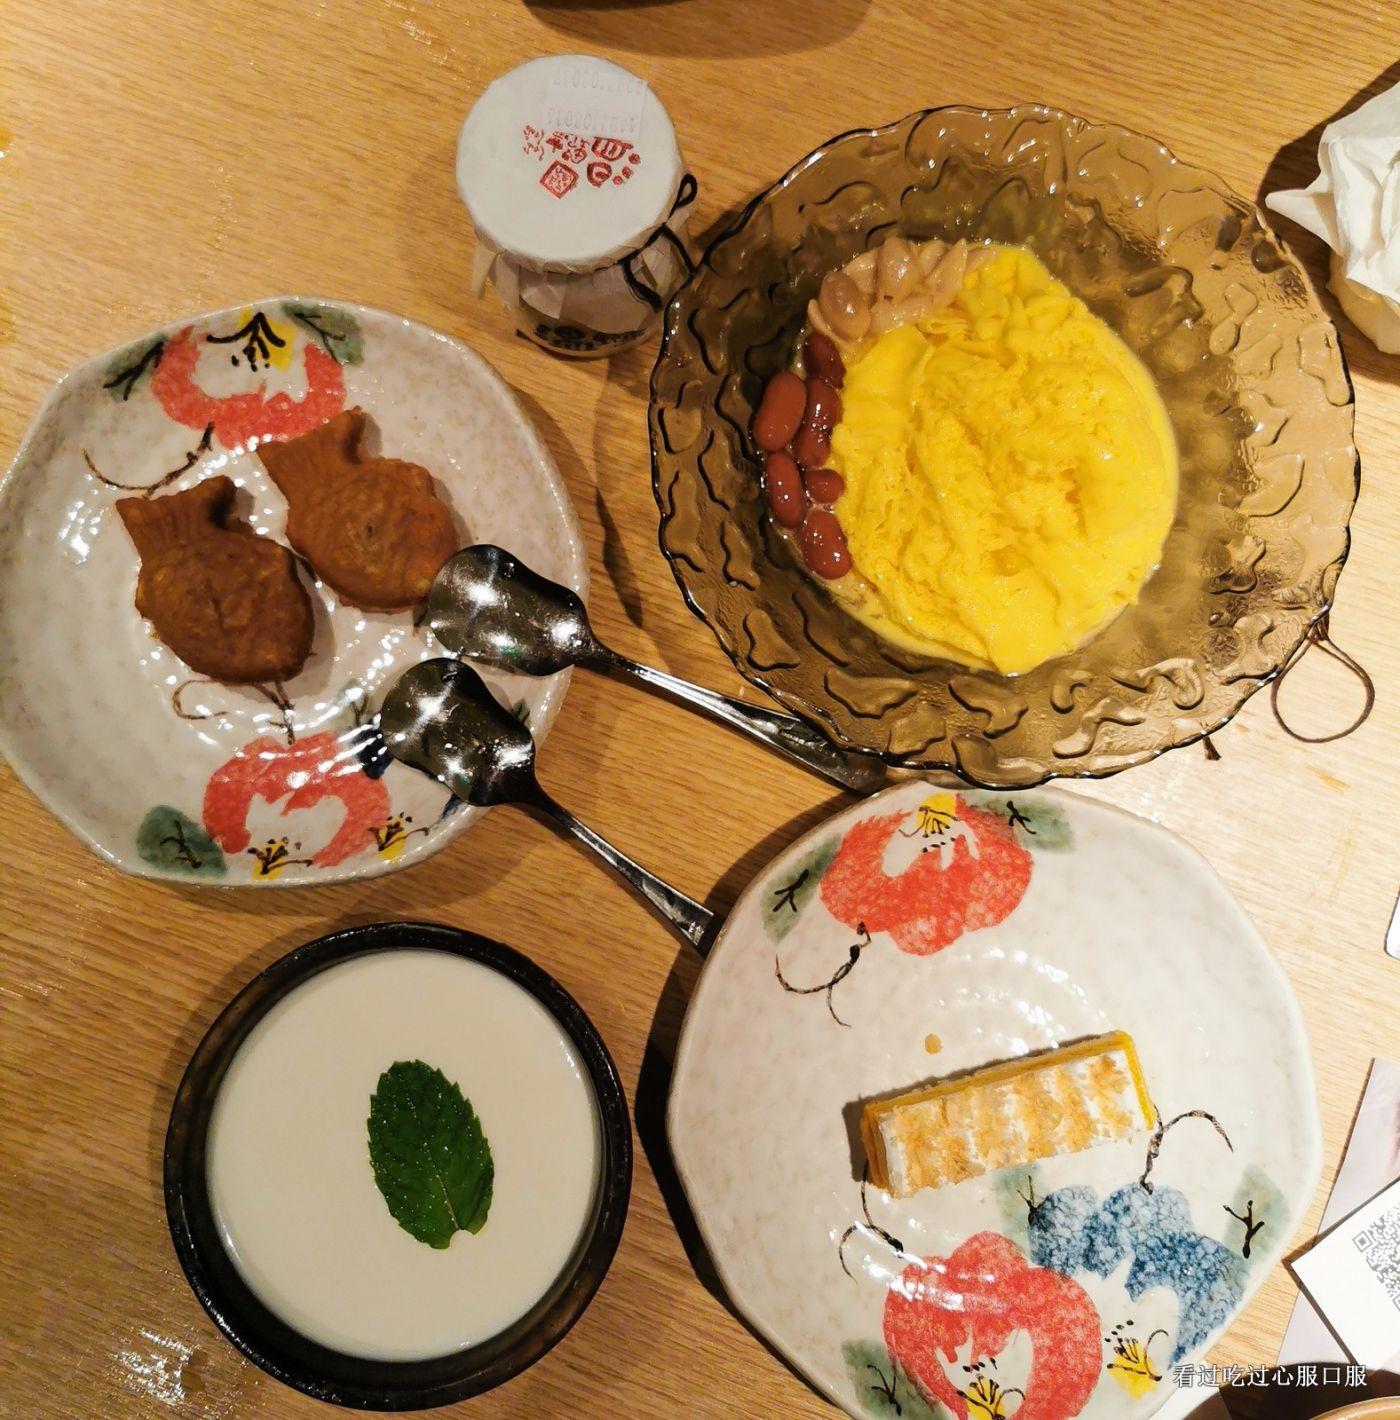 京城美食盘外招_图1-3